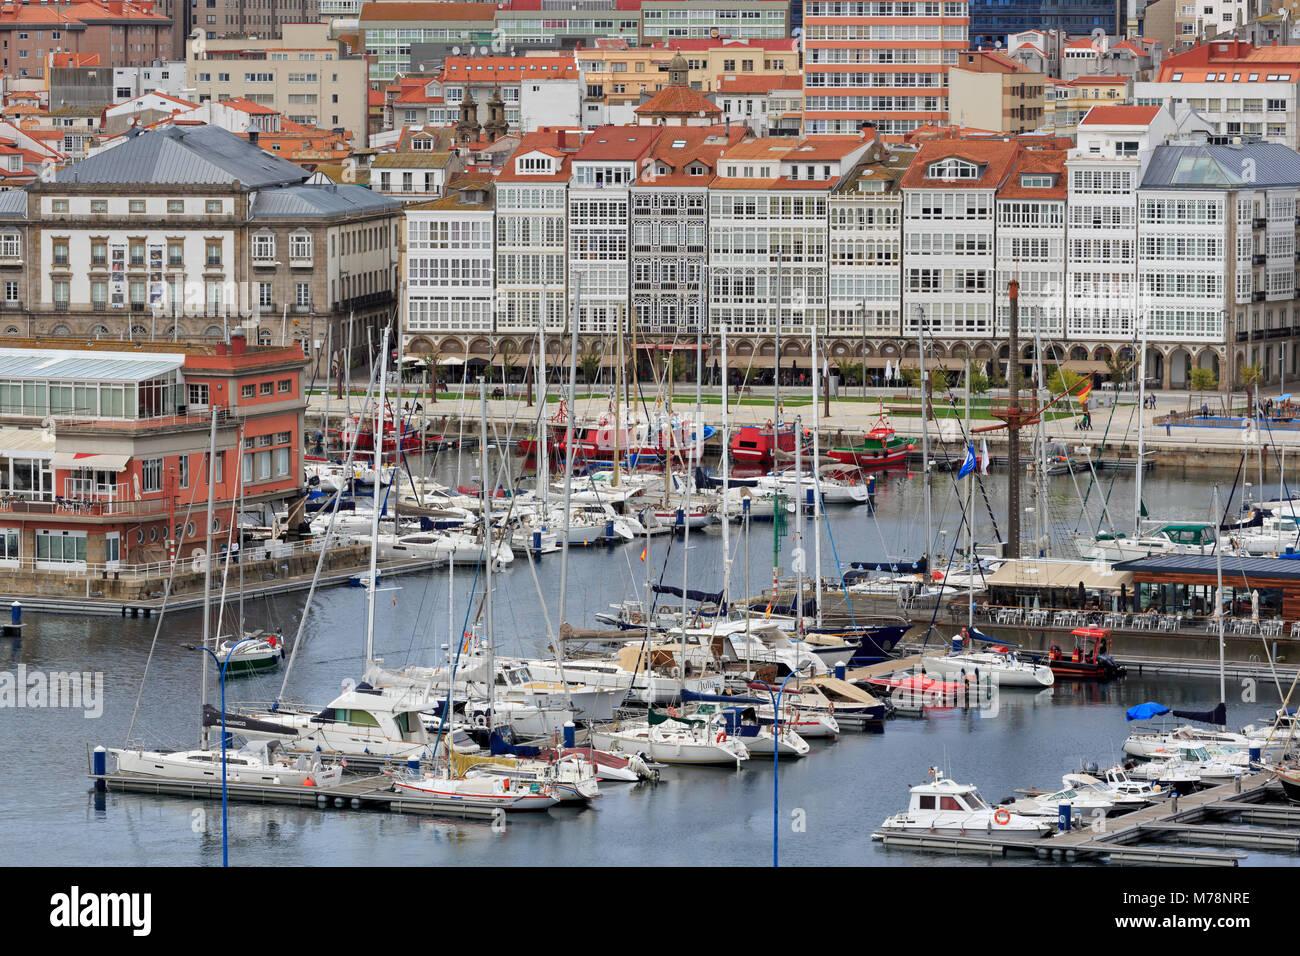 Port de Plaisance, la Ville de La Corogne, Galice, Espagne, Europe Photo Stock